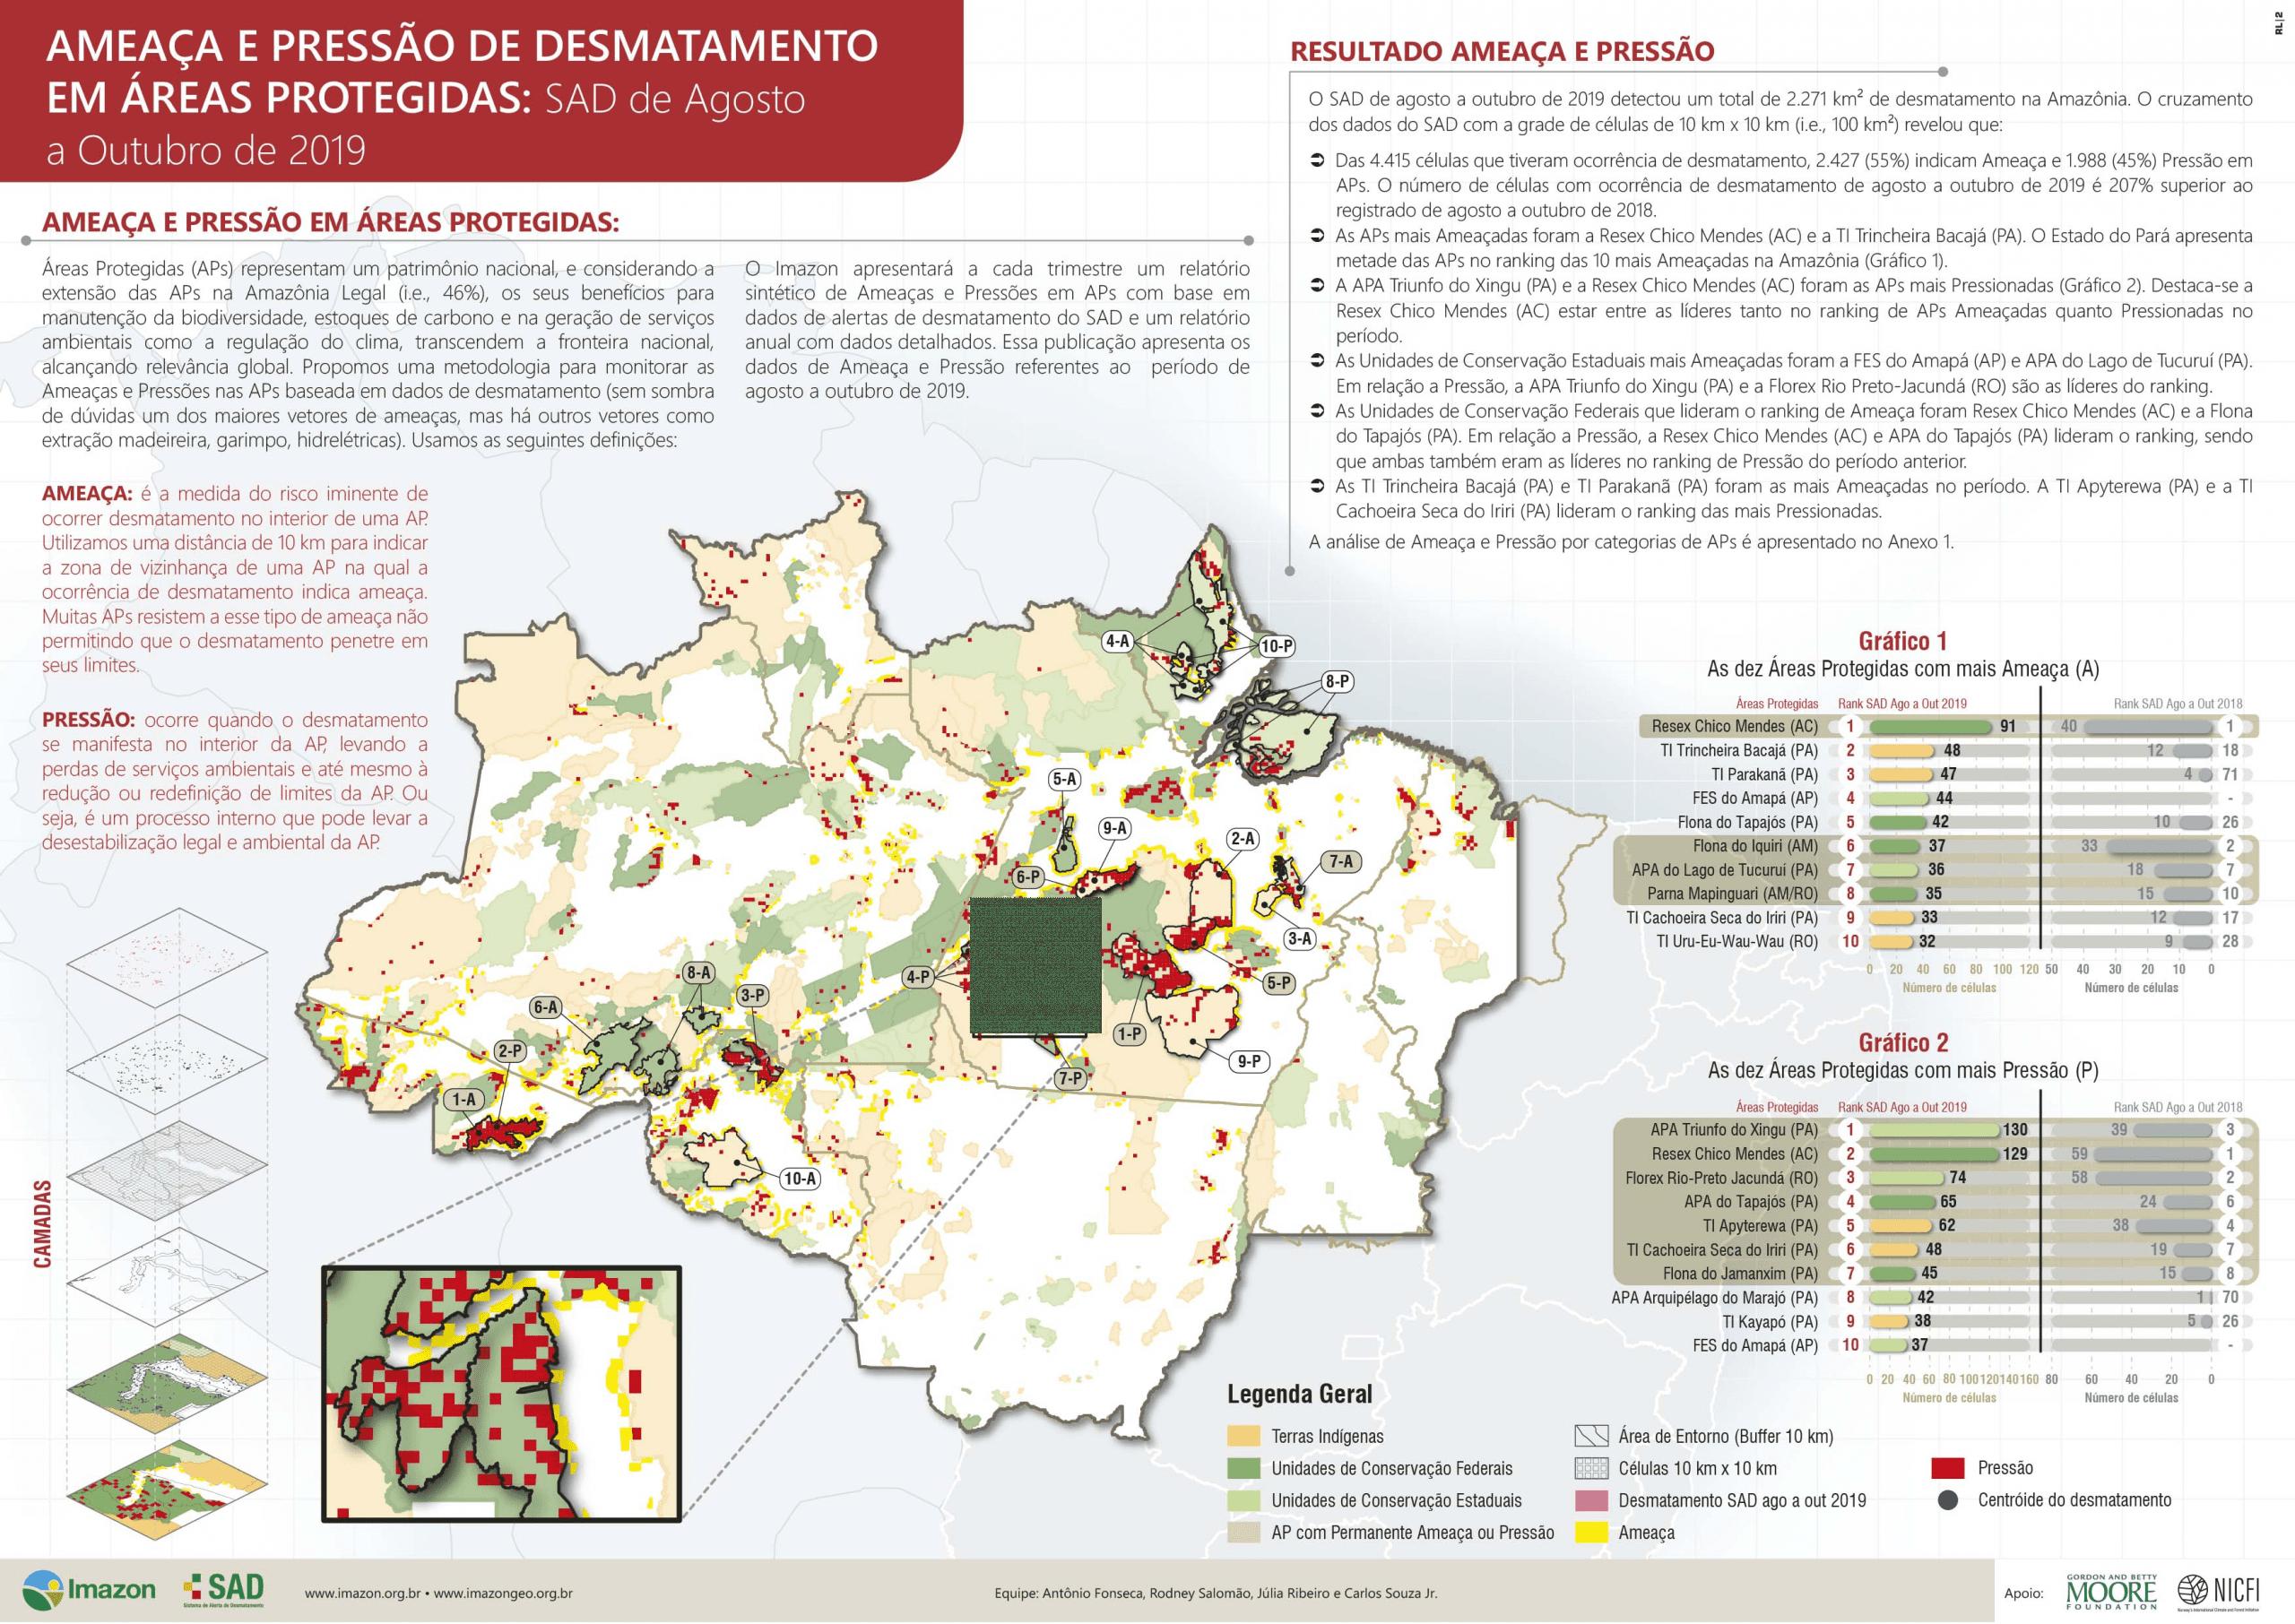 areaepressao augout2019 - Ameaça e Pressão e Desmatamento em Áreas Protegidas: SAD de Agosto a Outubro de 2019